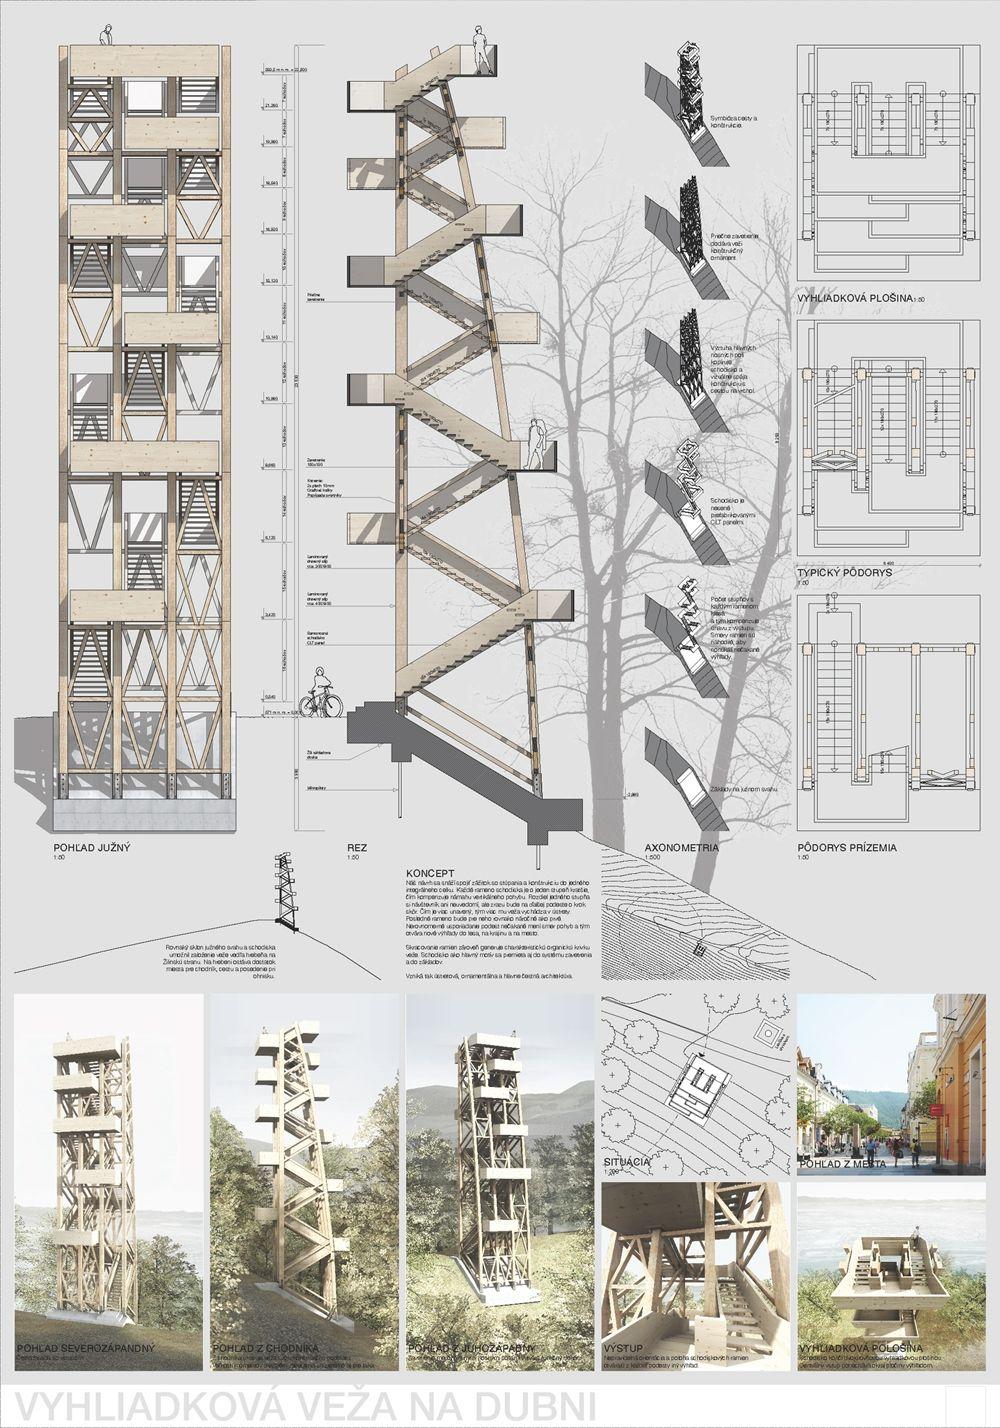 Súťažné návrhy Výhliadková veža na Dubni, foto 14